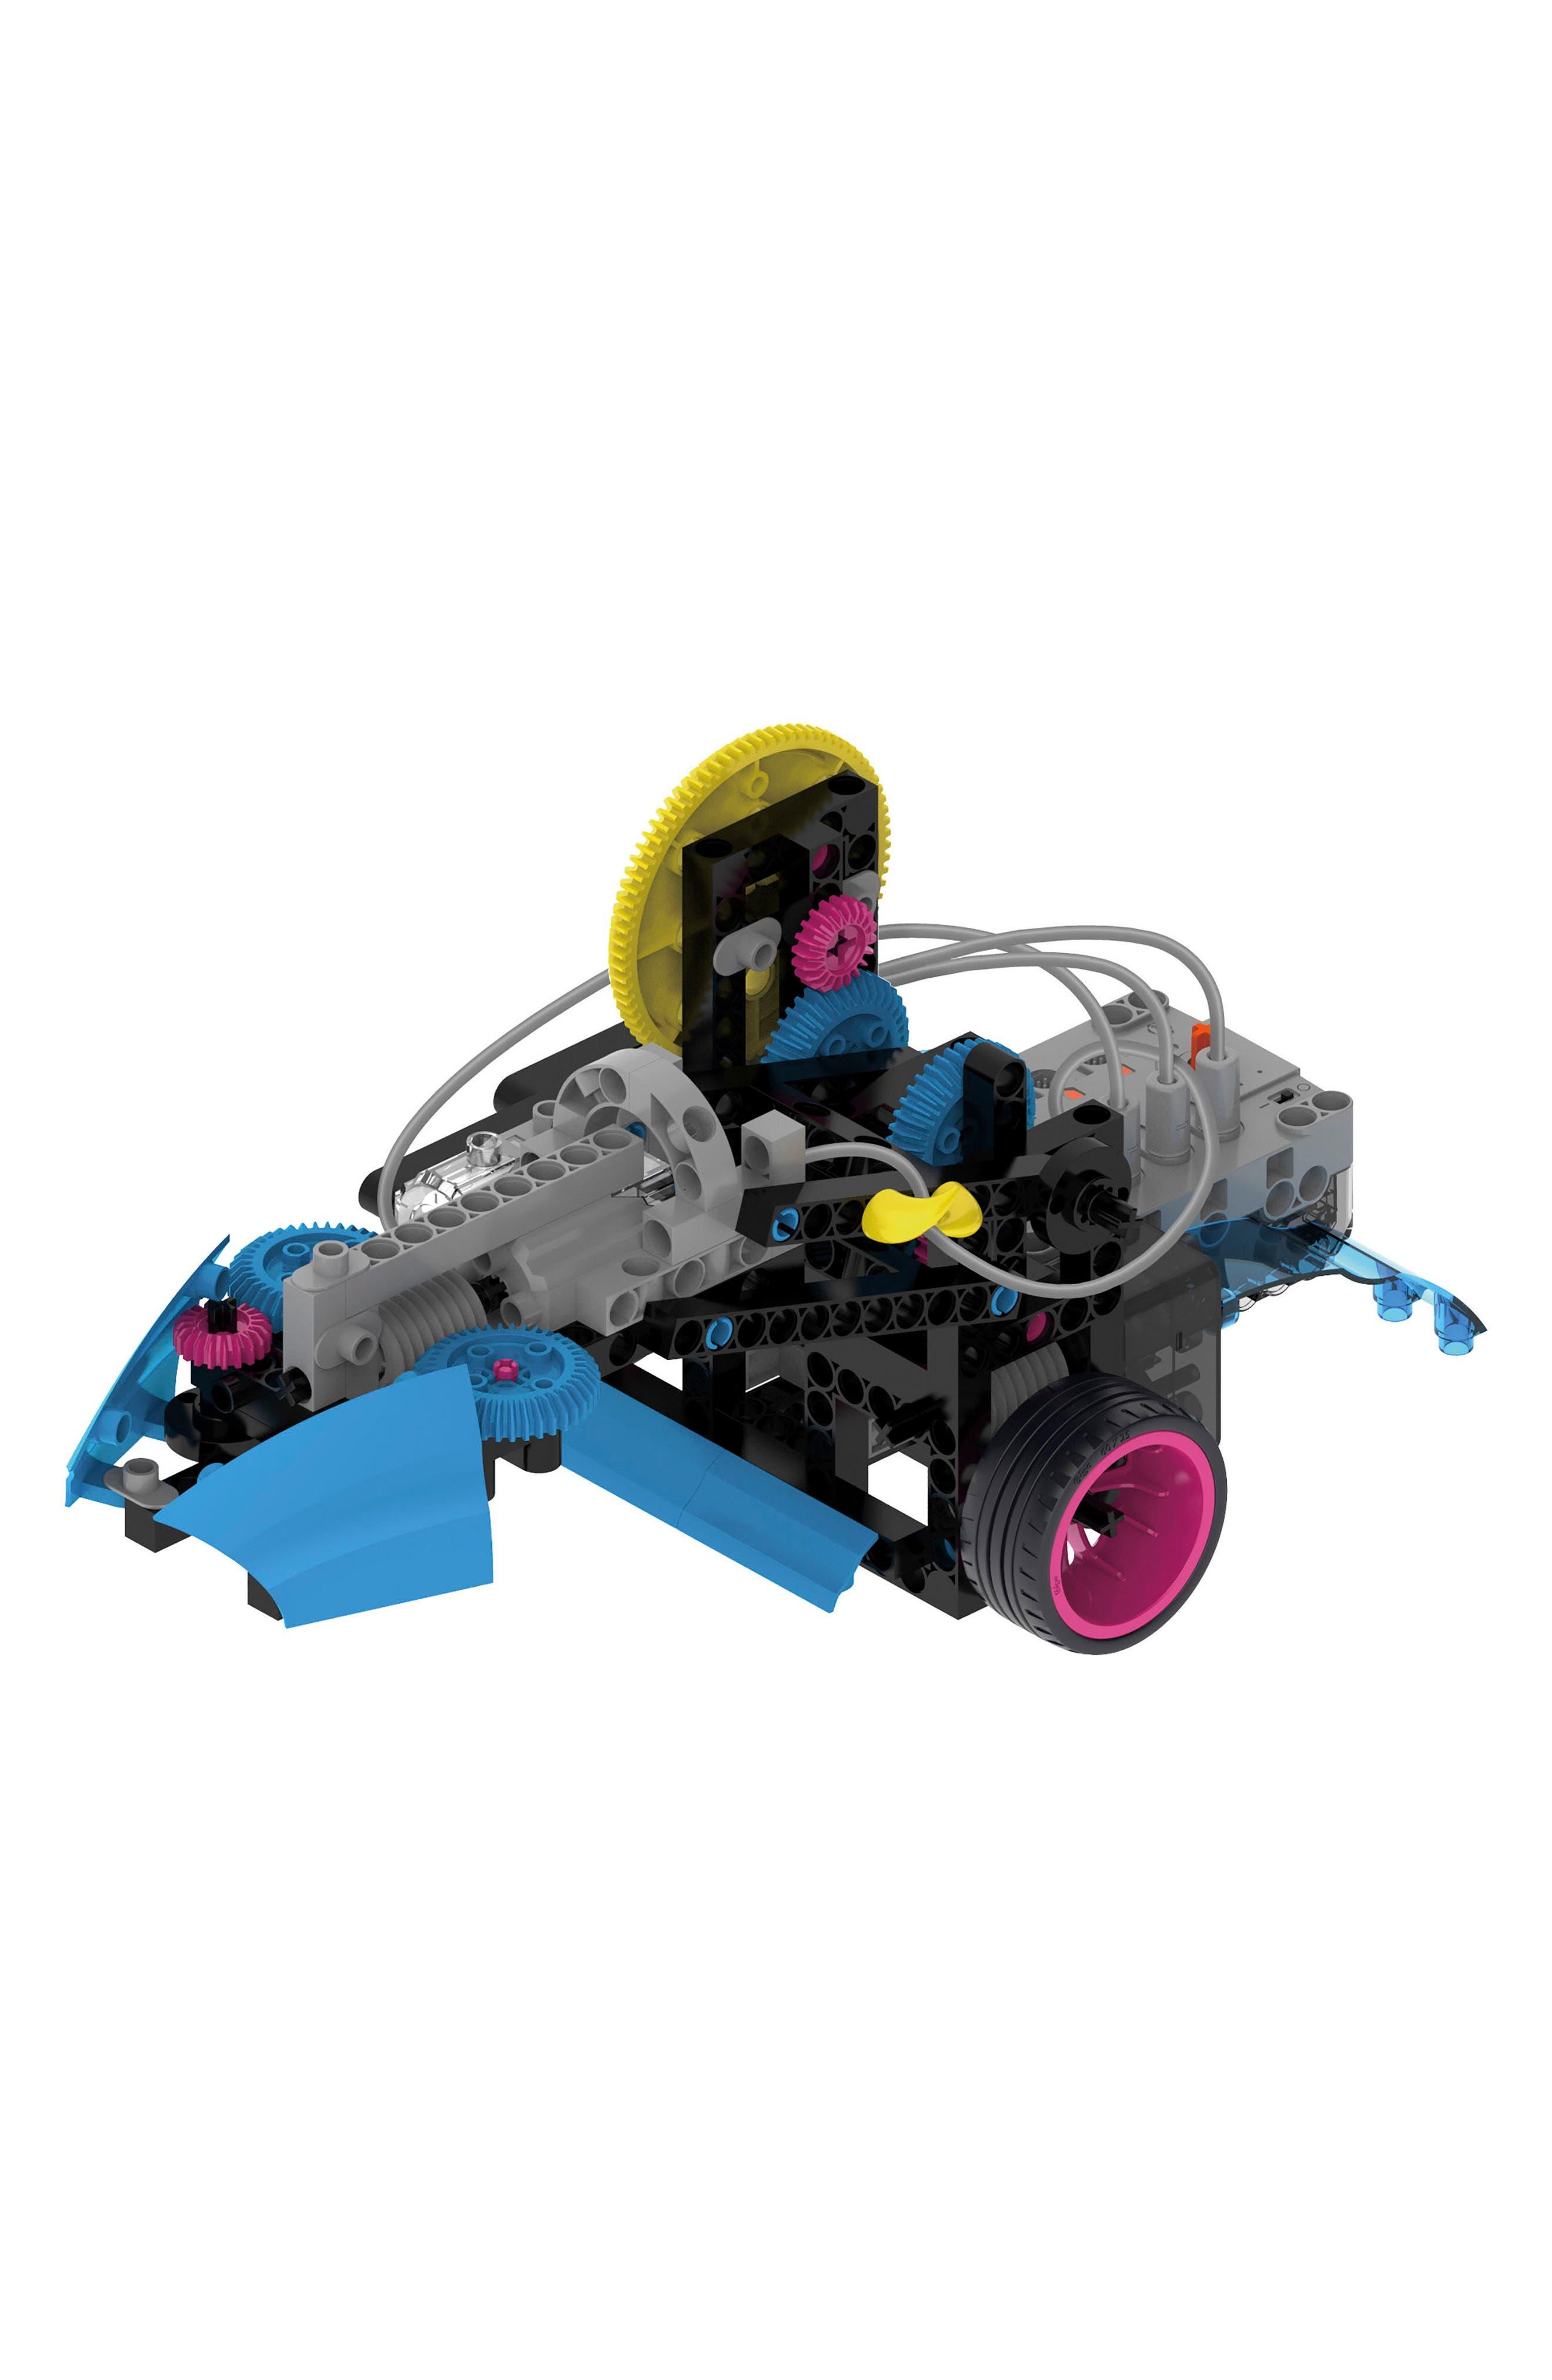 Robotics Building Kit,                             Alternate thumbnail 3, color,                             No Color